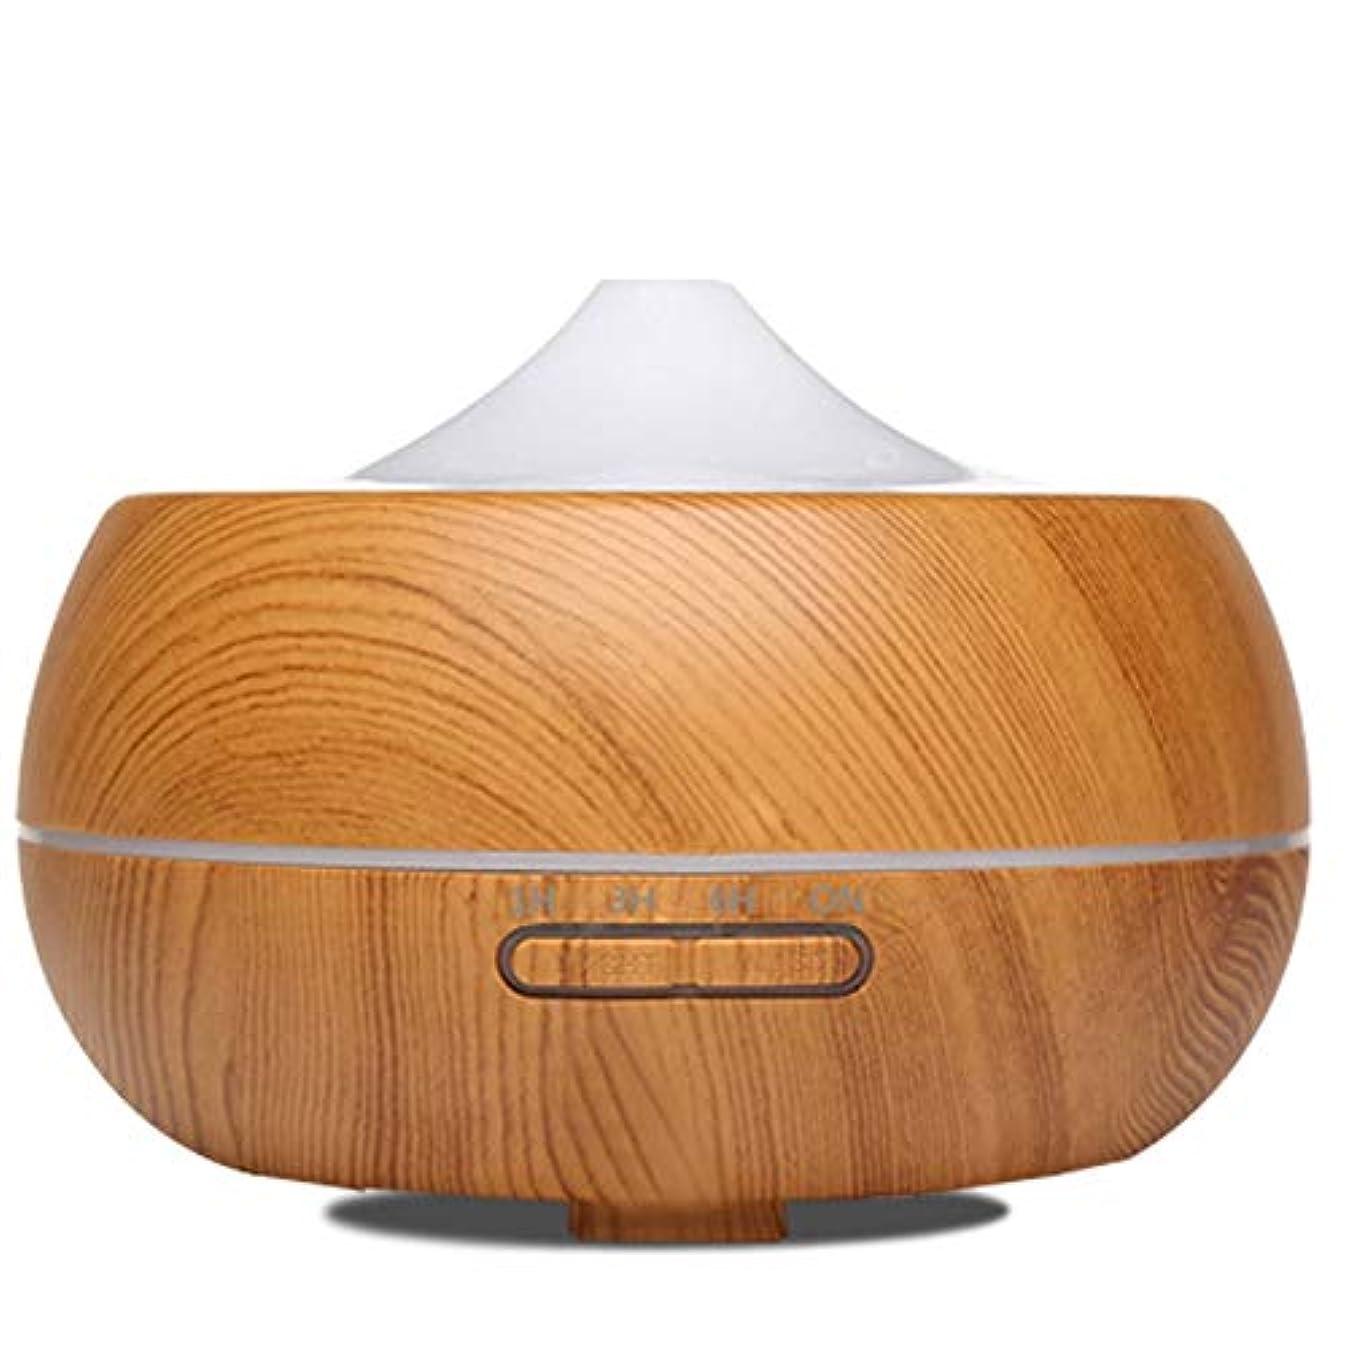 サリー適合しました侵入する300 ml アロマテラピー エッセンシャル オイル ディフューザー, 超音波 涼しい霧 humidmifier アロマディフューザー タイマー付き 7色変換 夜のライト 空焚き防止機能搭載- 17x12cm